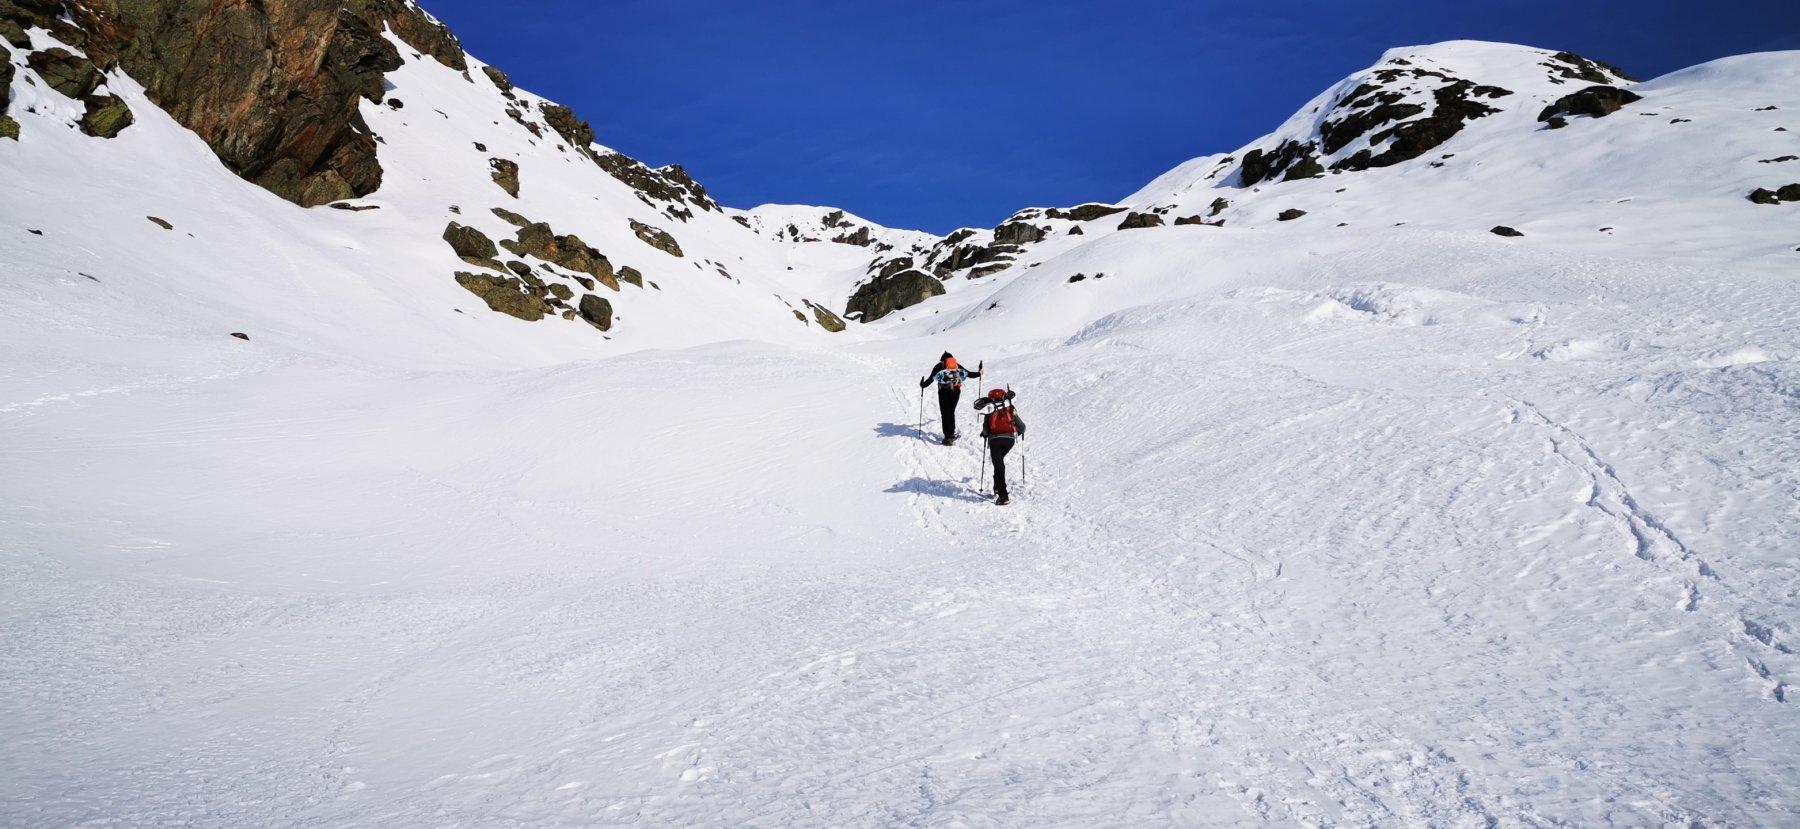 neve in ottime condizioni e perfetta per salire con i ramponi...a quota 1750 m